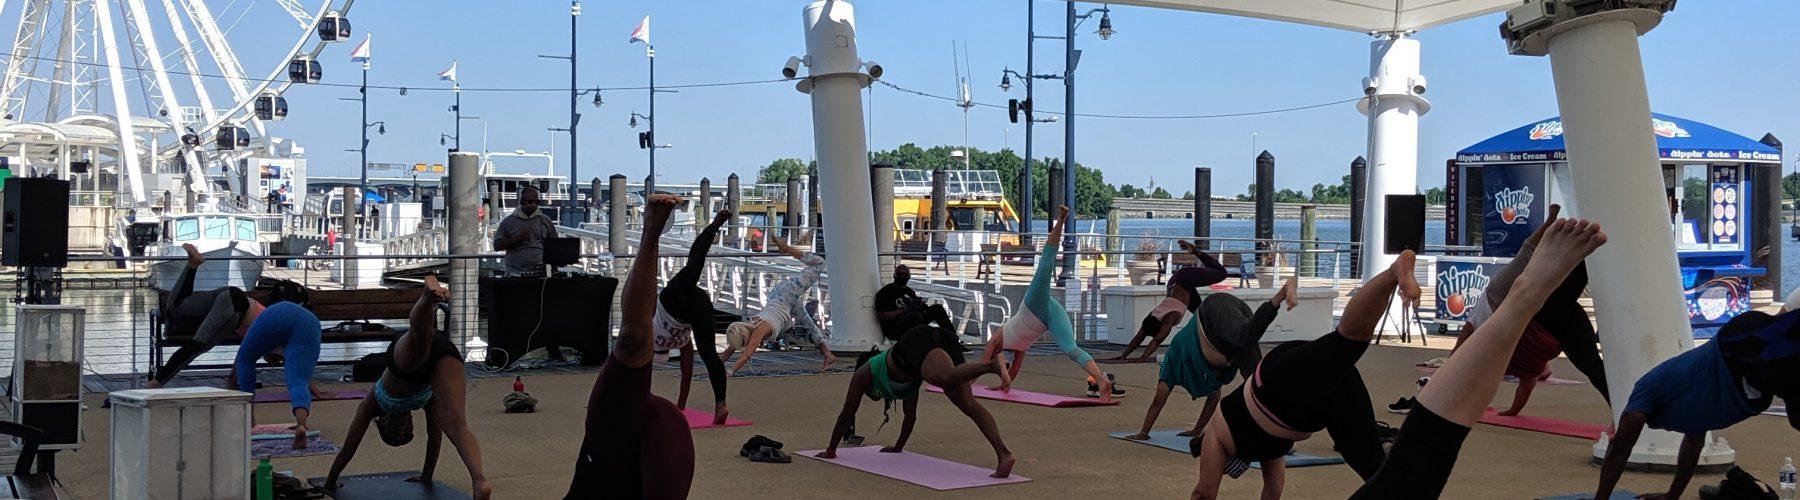 yoga capital canopy